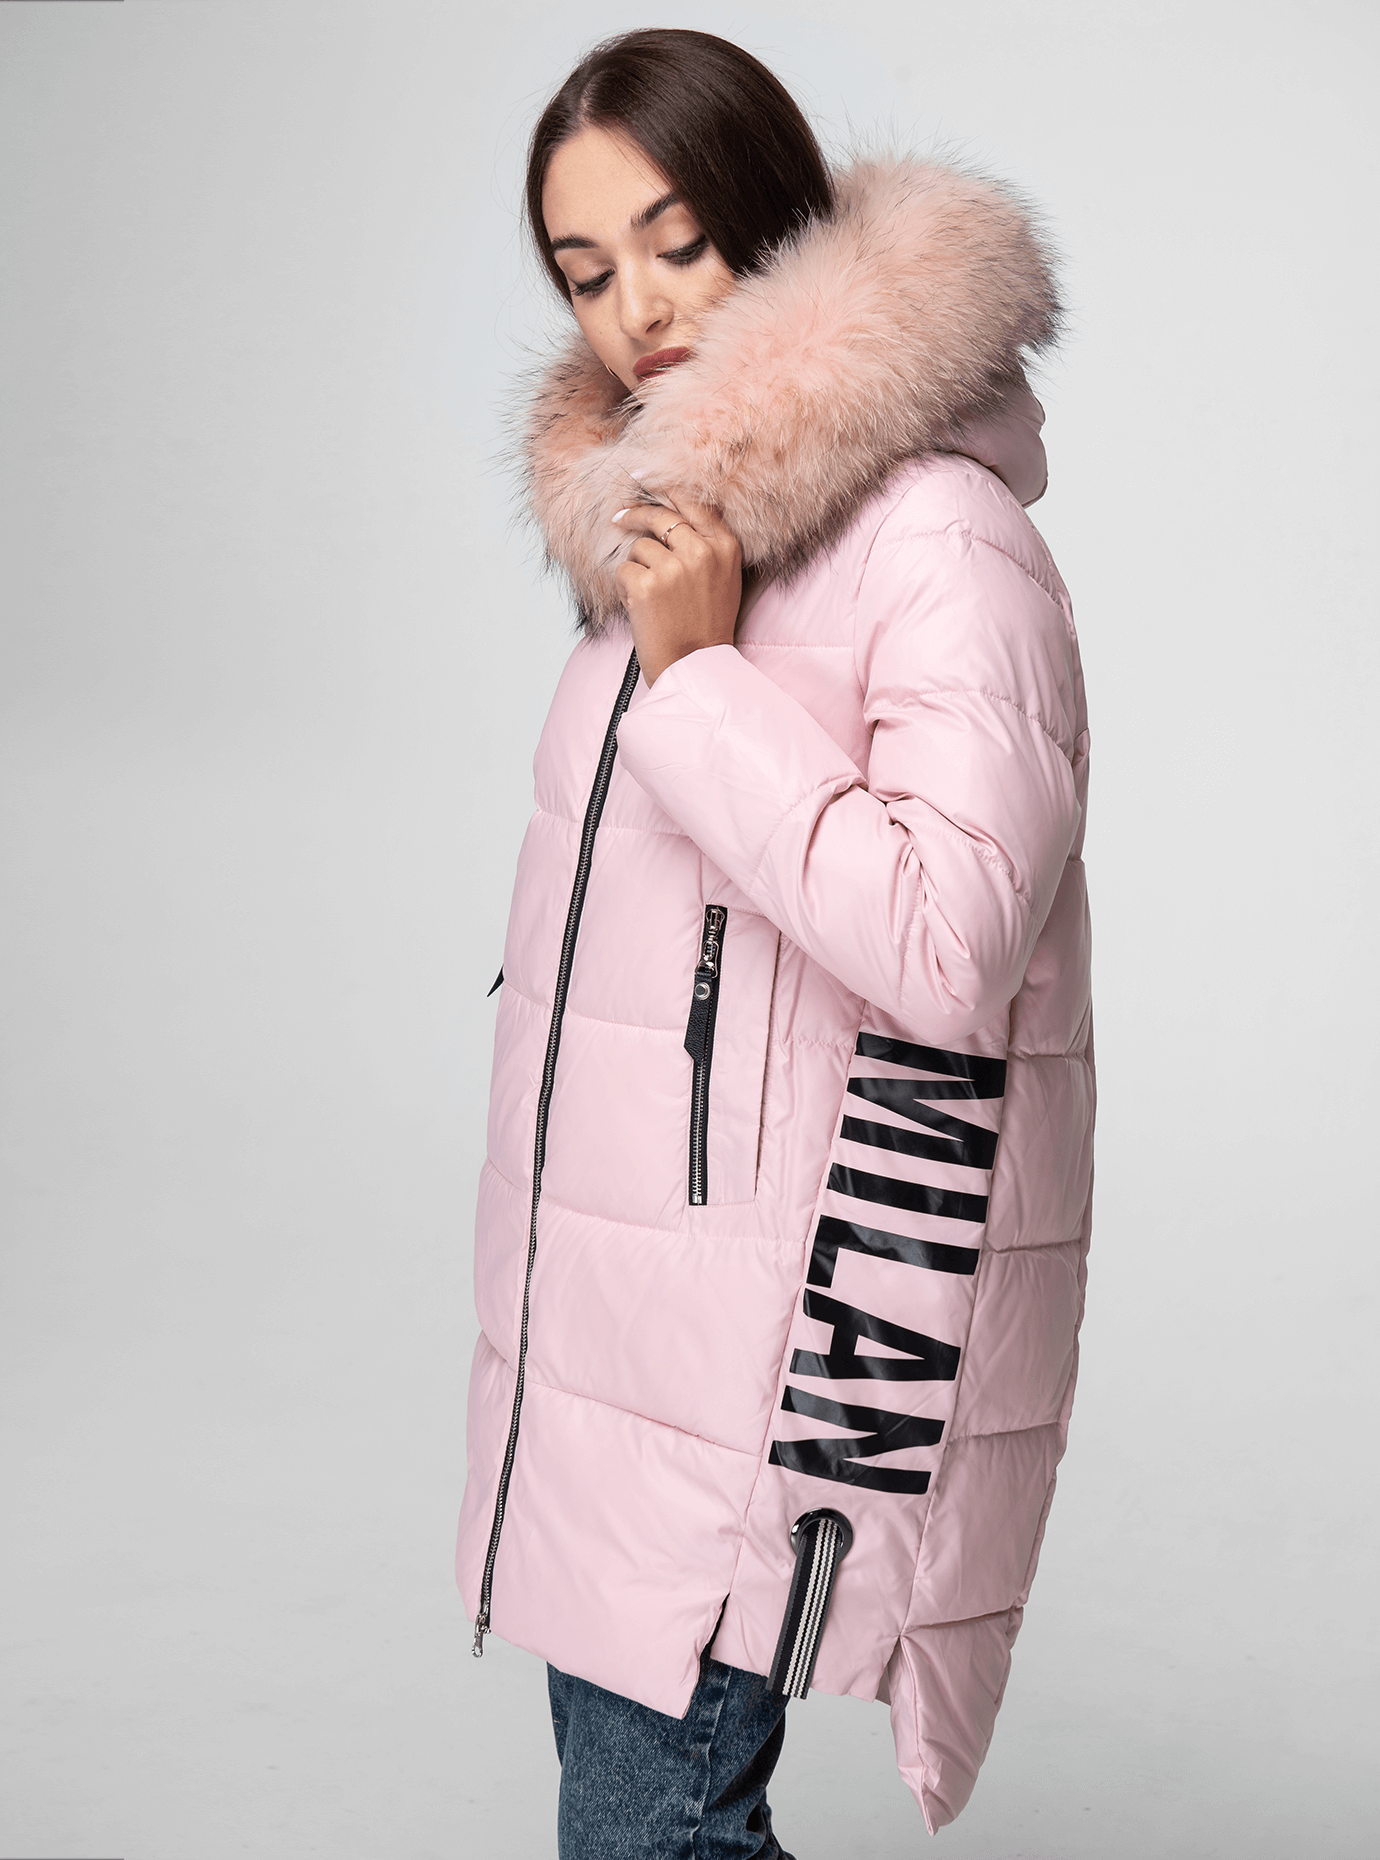 Куртка зимняя с мехом енота Розовый XL (05-V191105): фото - Alster.ua